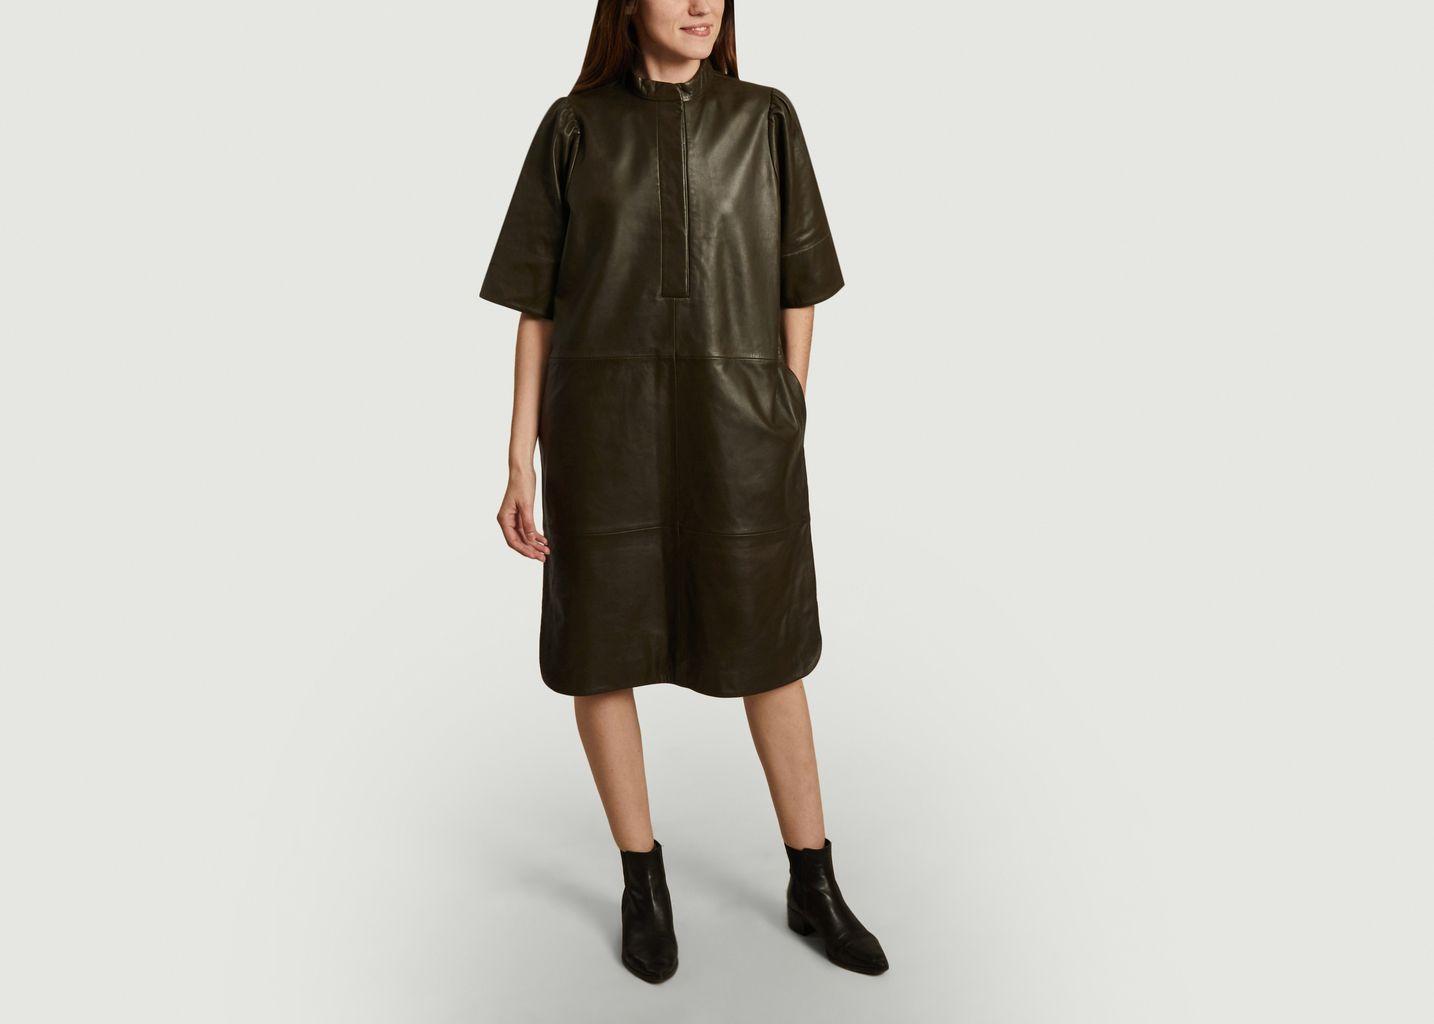 Robe en cuir Indie - Second Female